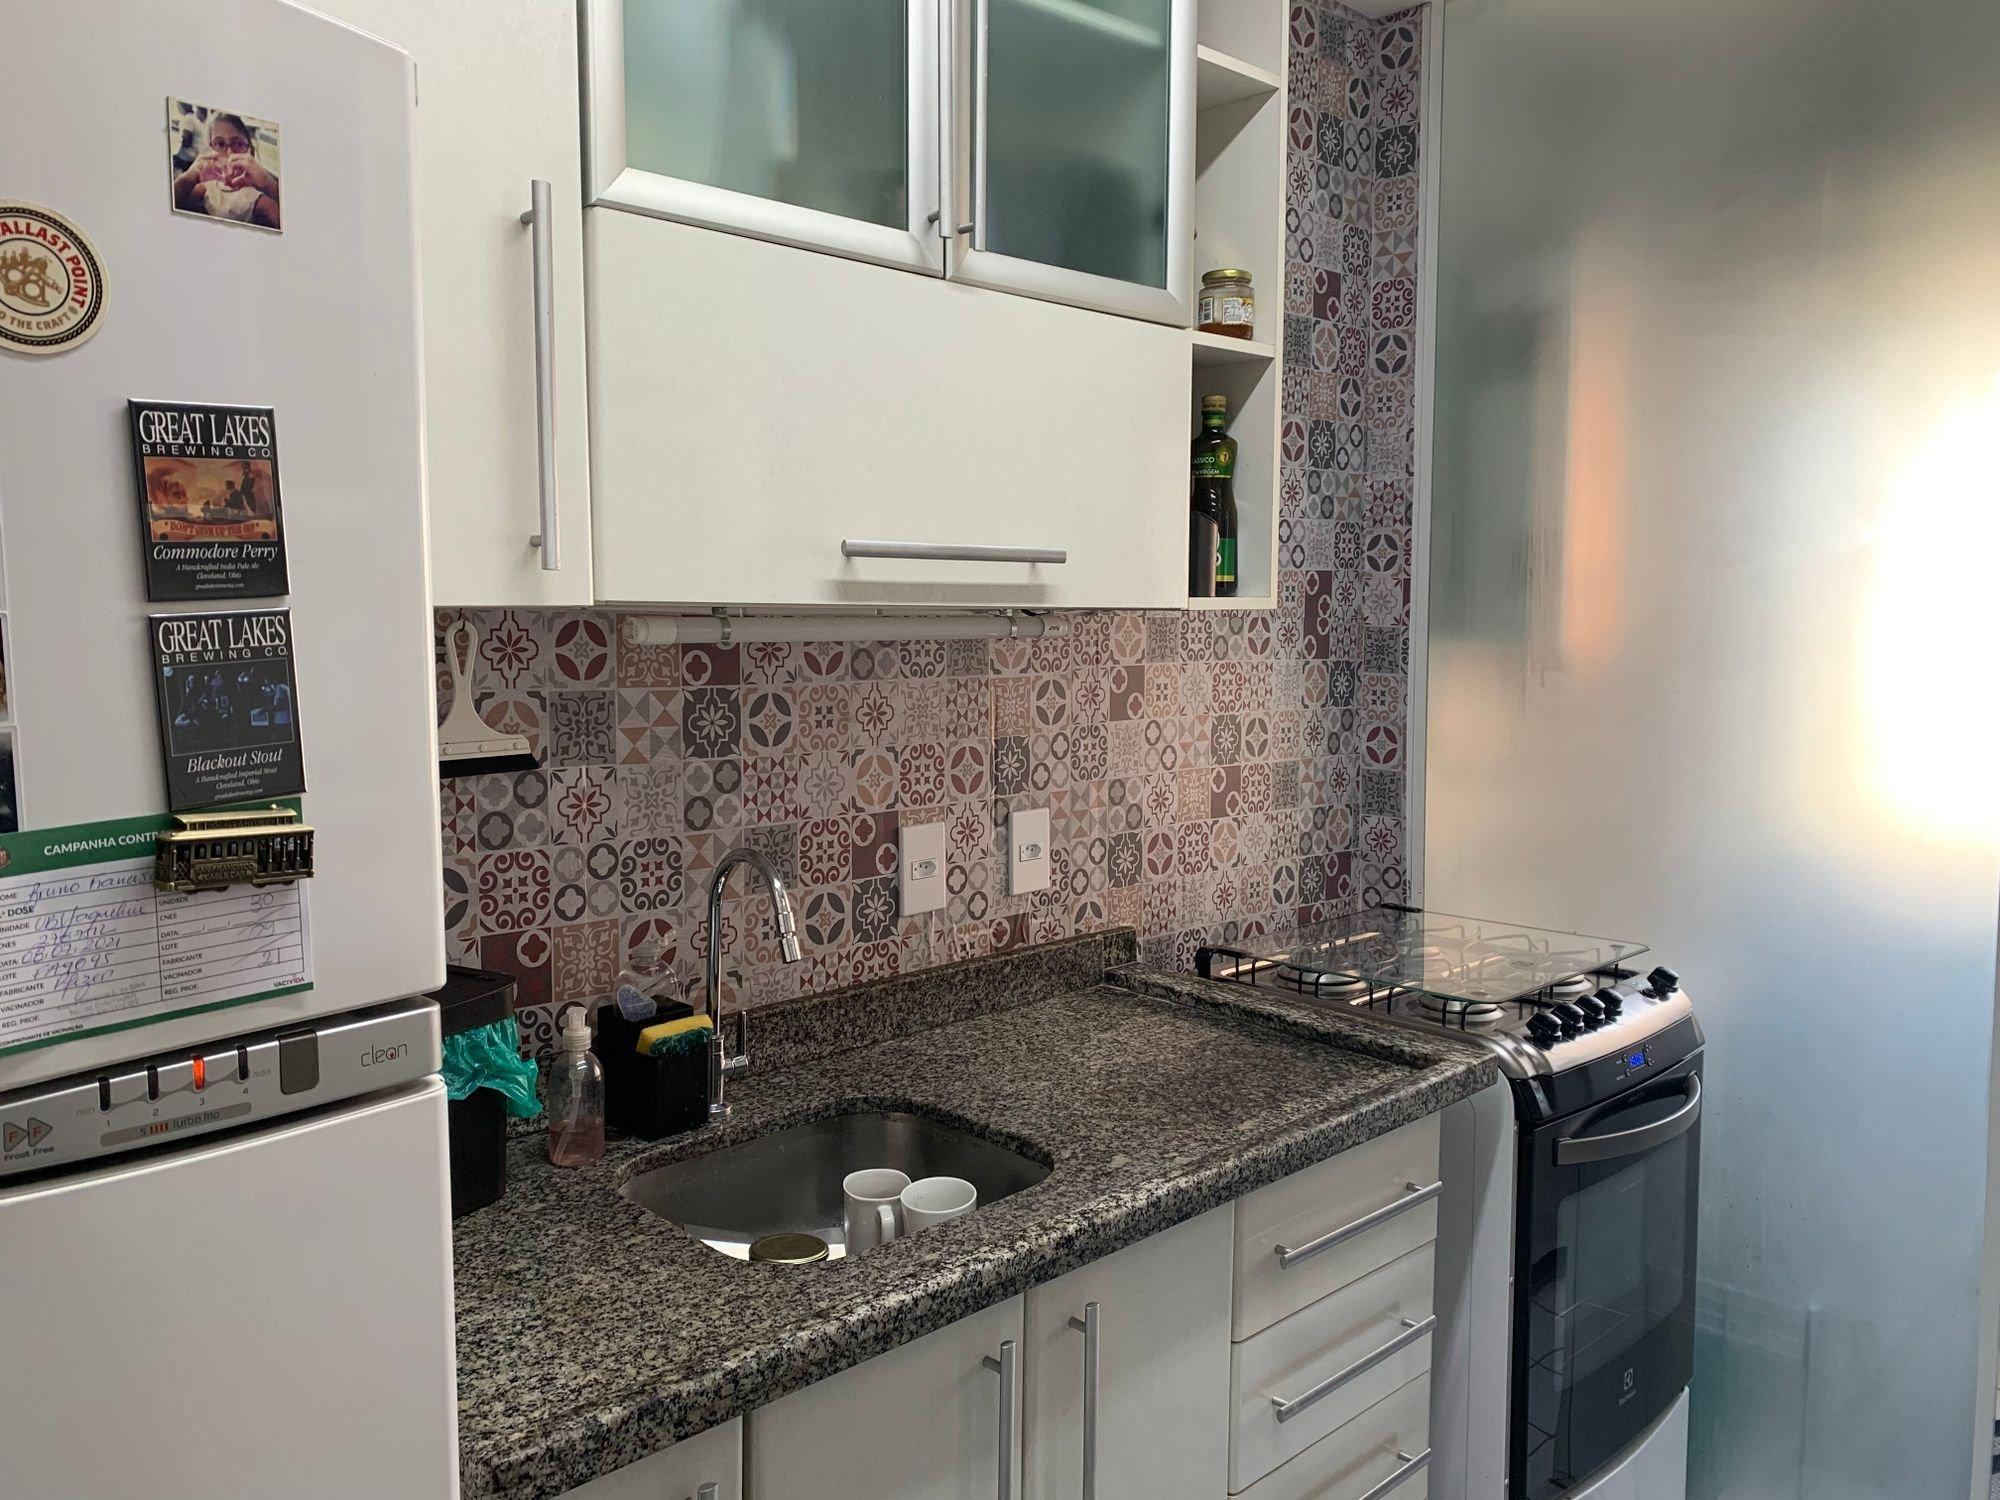 Foto de Cozinha com garrafa, forno, pia, xícara